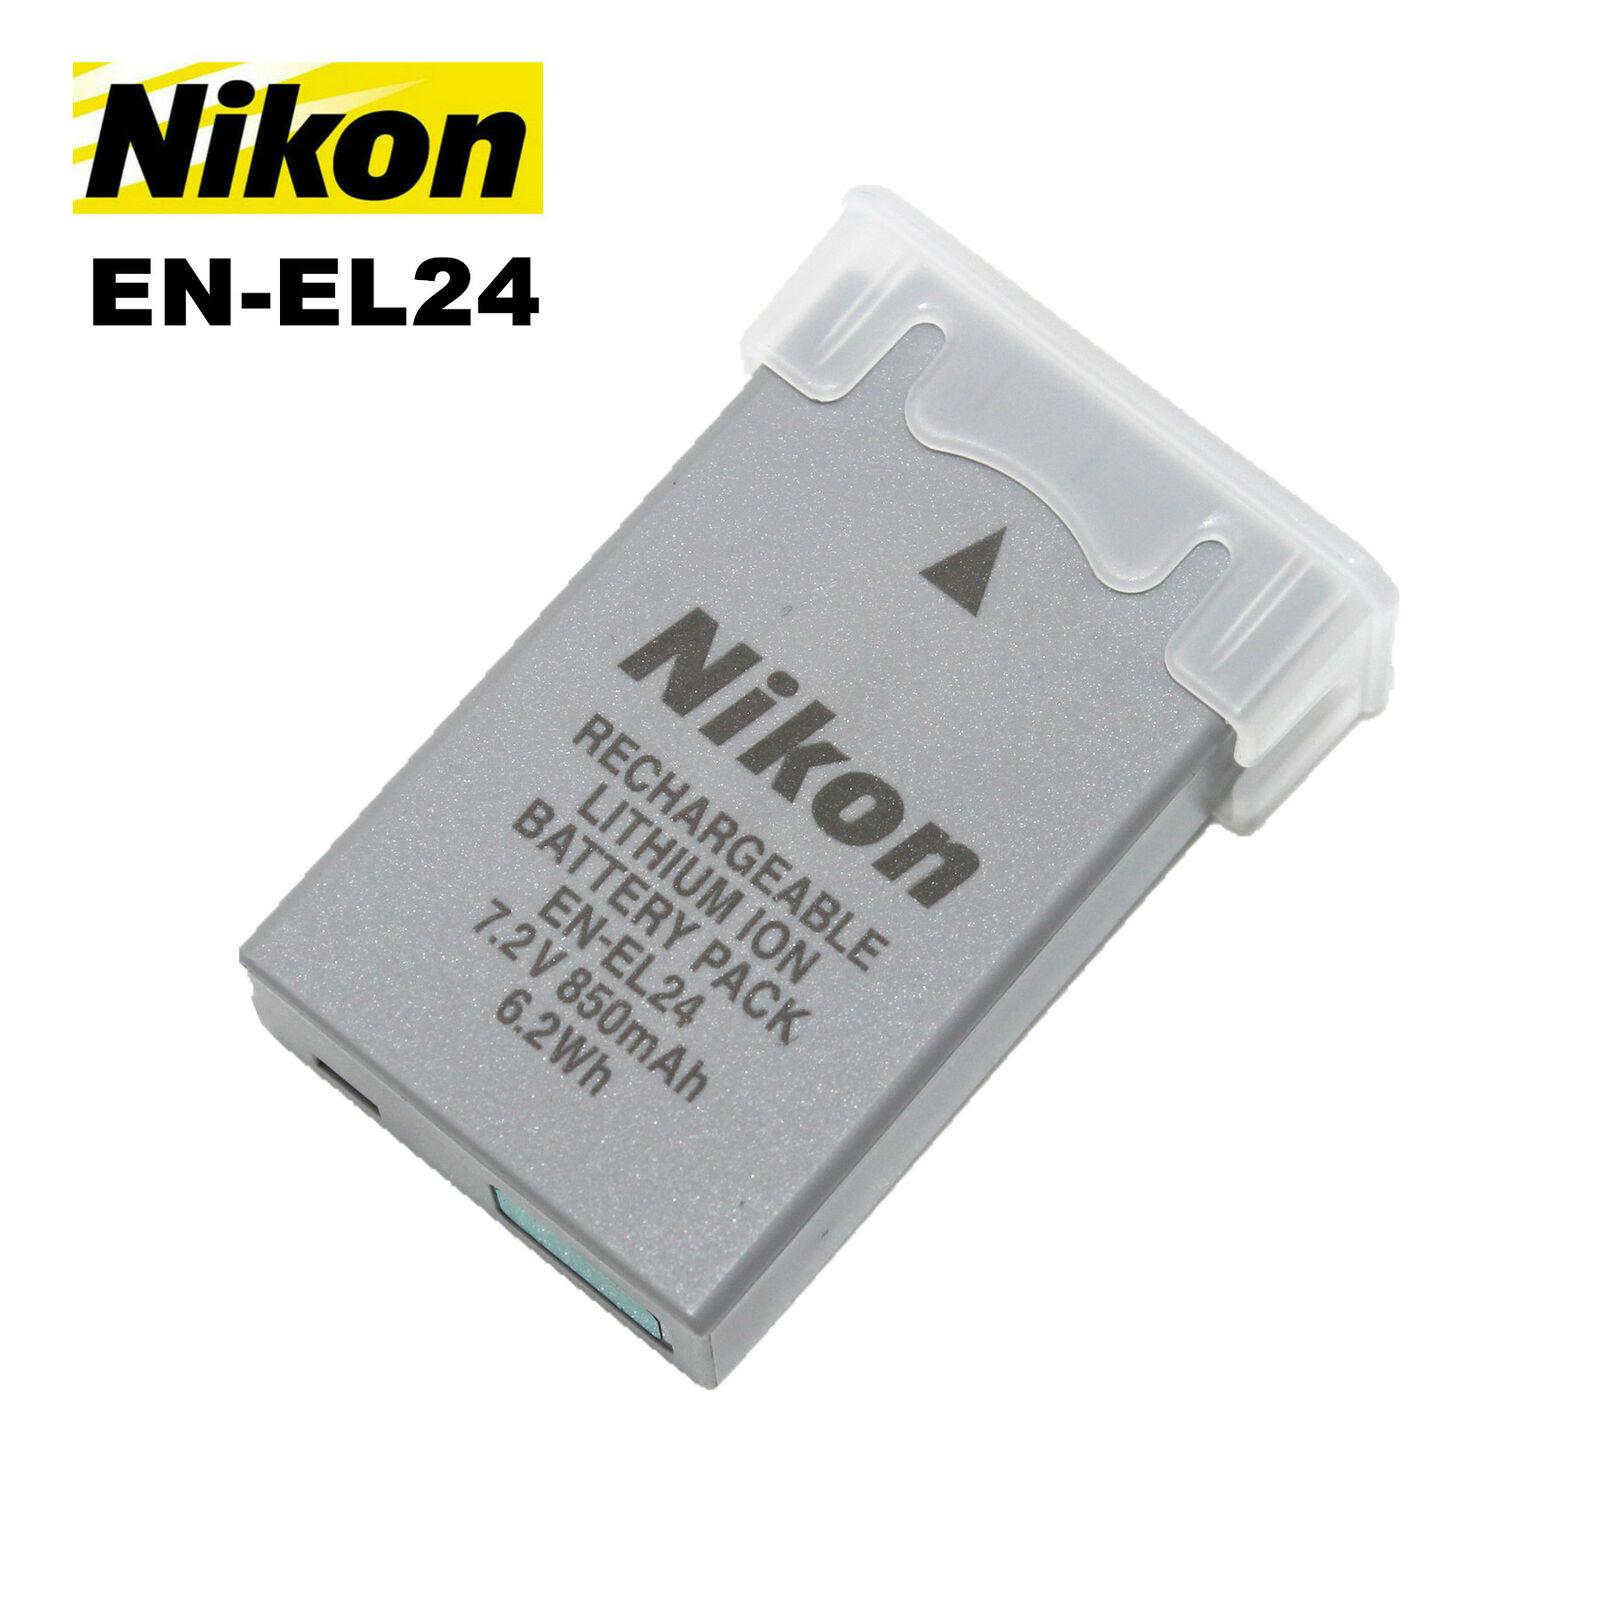 New Original Nikon EN-EL24 Battery for Nikon 1 J5, DL18-50, DL24-85 Cameras